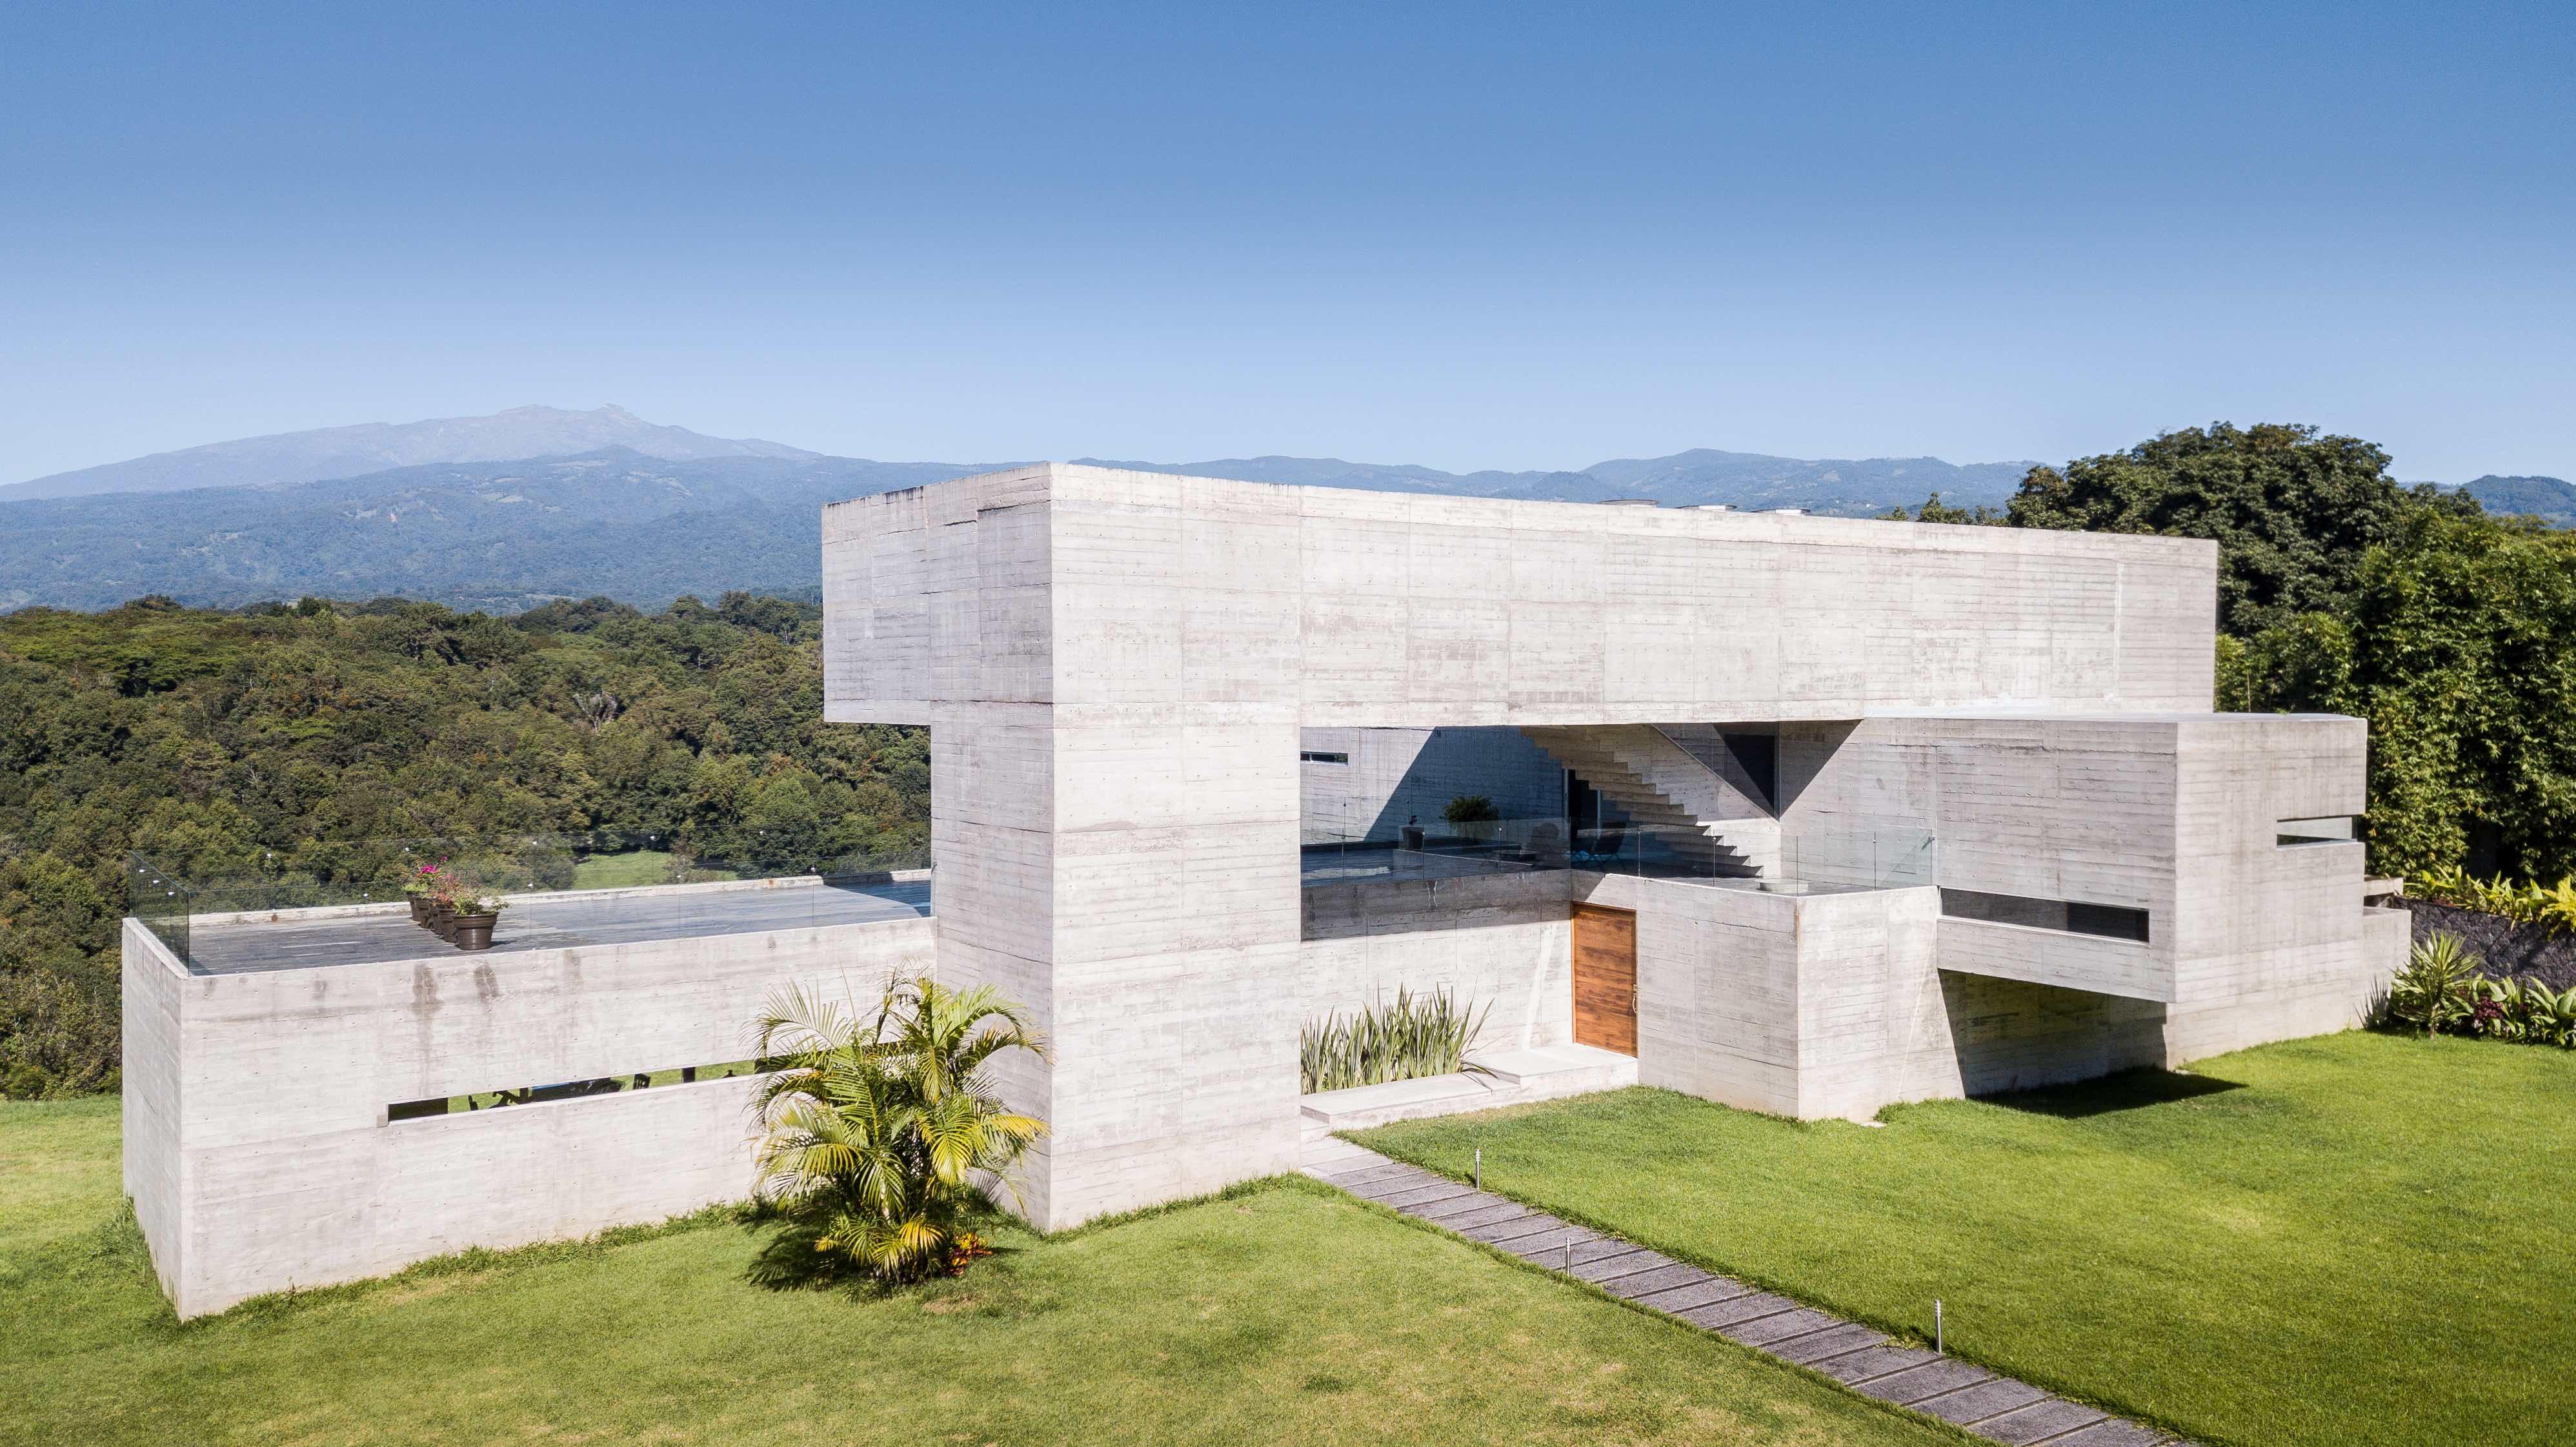 Casa Oyamel designed by Rafael Pardo Arquitectos